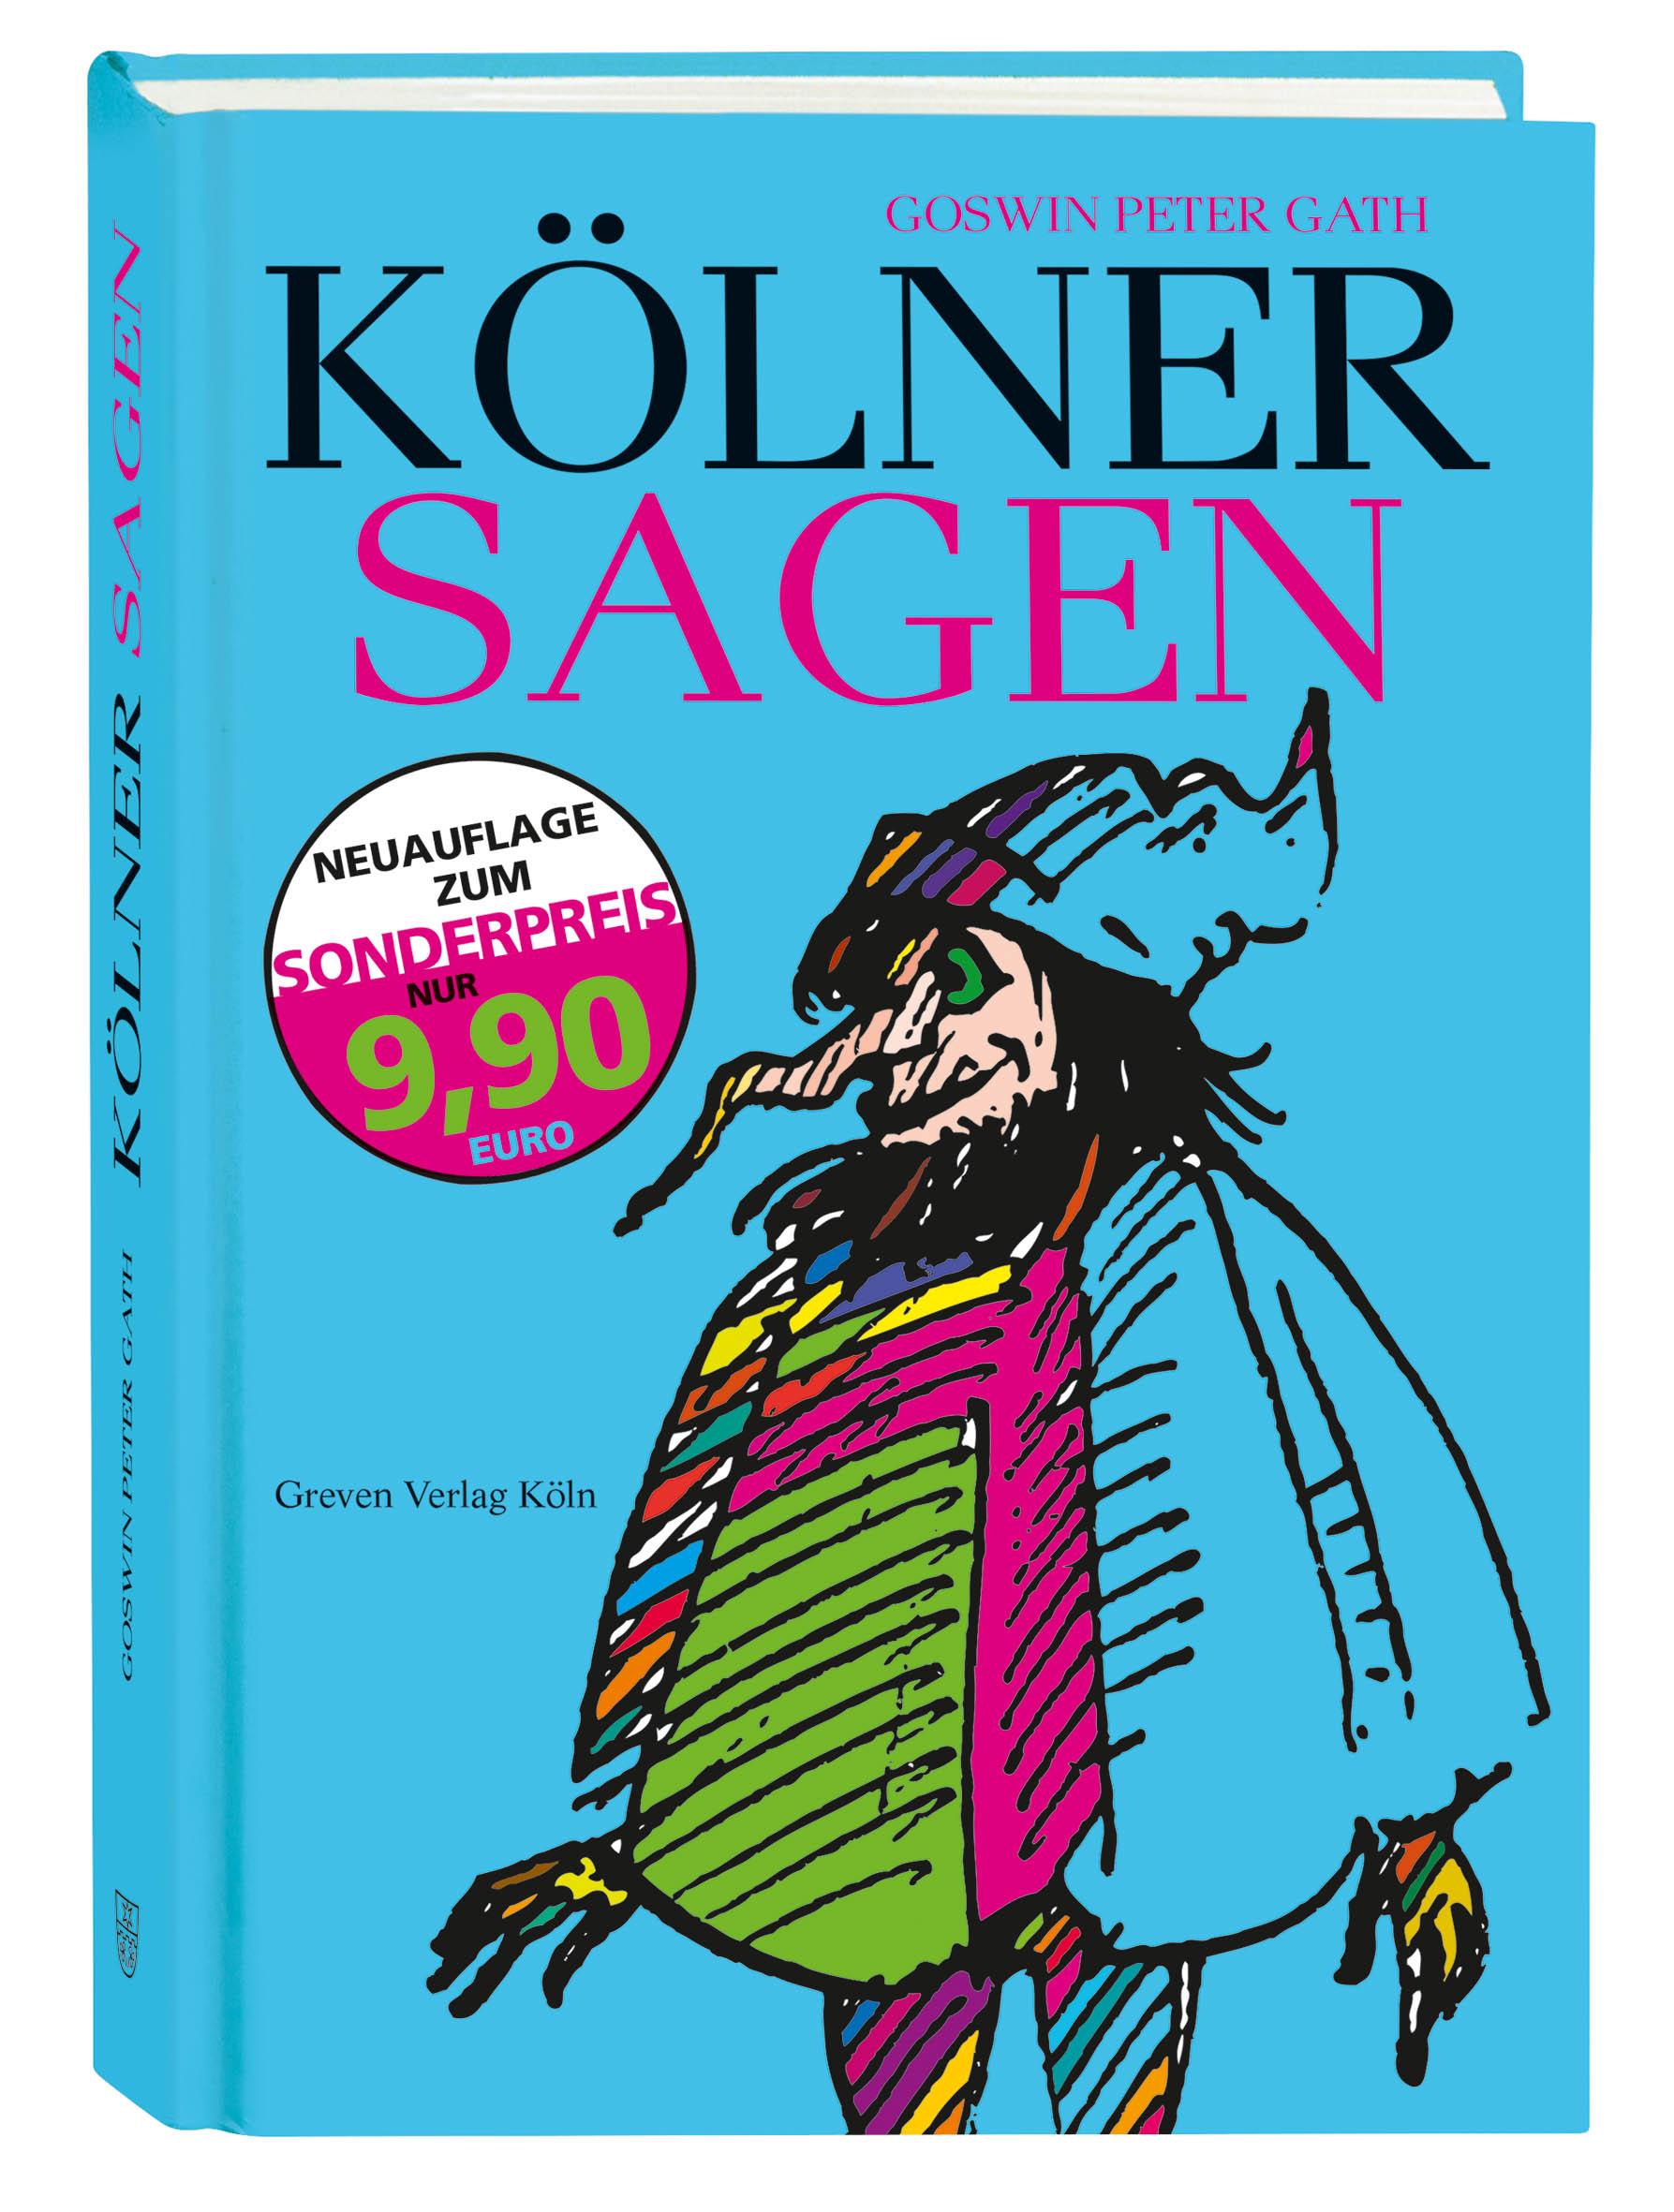 Kölner Sagen, Legenden und Geschichten - Goswin P. Gath